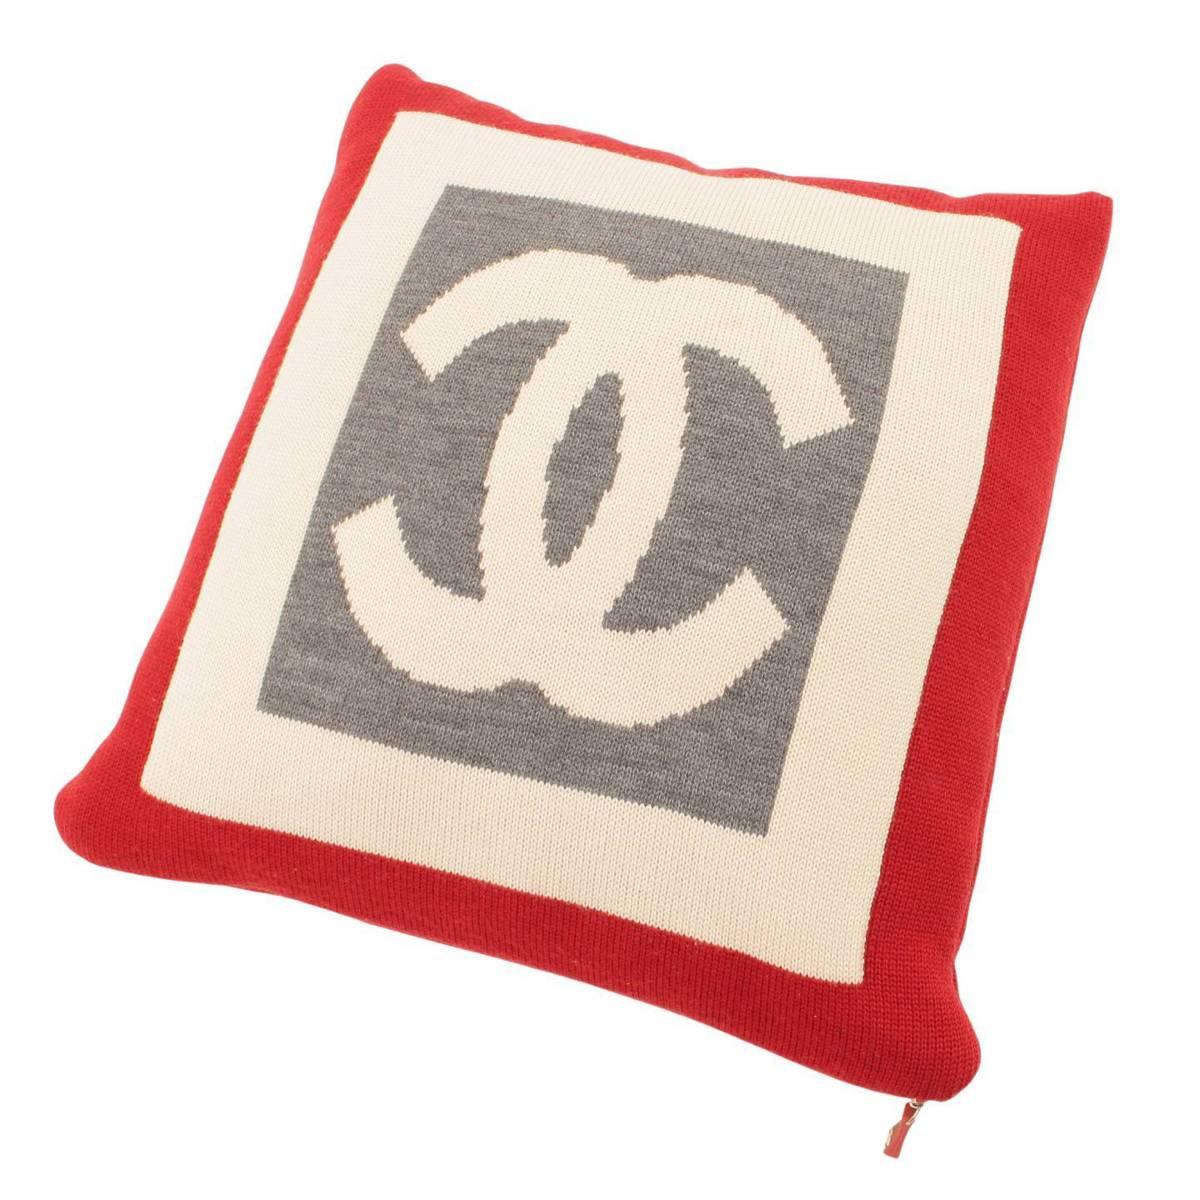 シャネル Chanel ウール カシミヤ ココマーク ダブルフェイス クッション 126882 超激得SALE グレー 着後レビューで 送料無料 鑑定済 中古 アイボリー 正規品保証 レッド